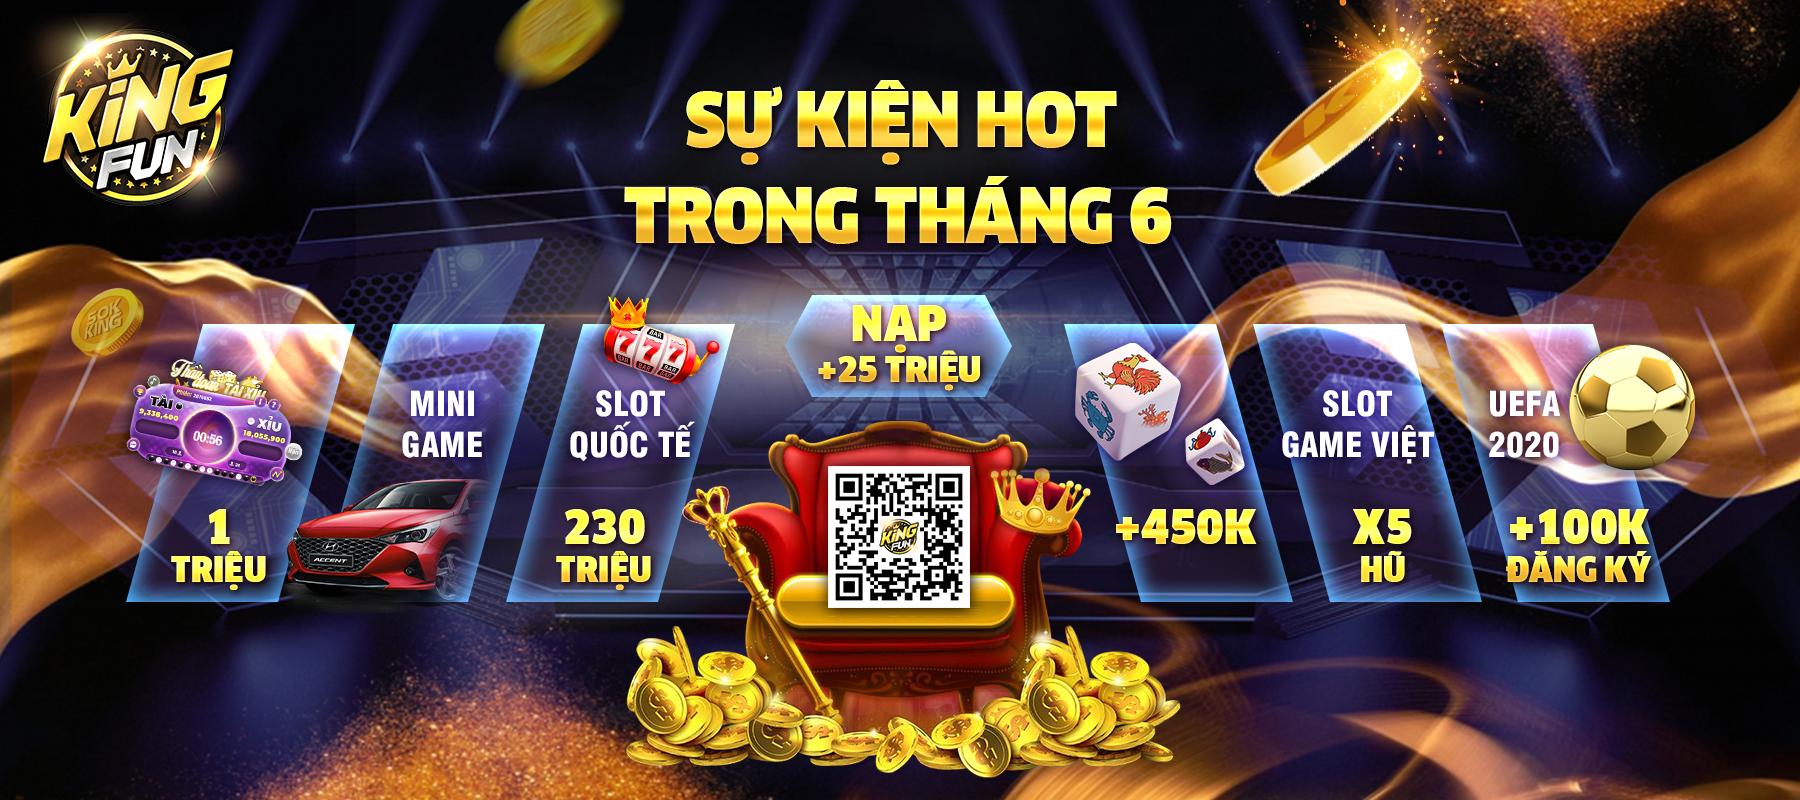 20210519-kingfun-6-1800x800